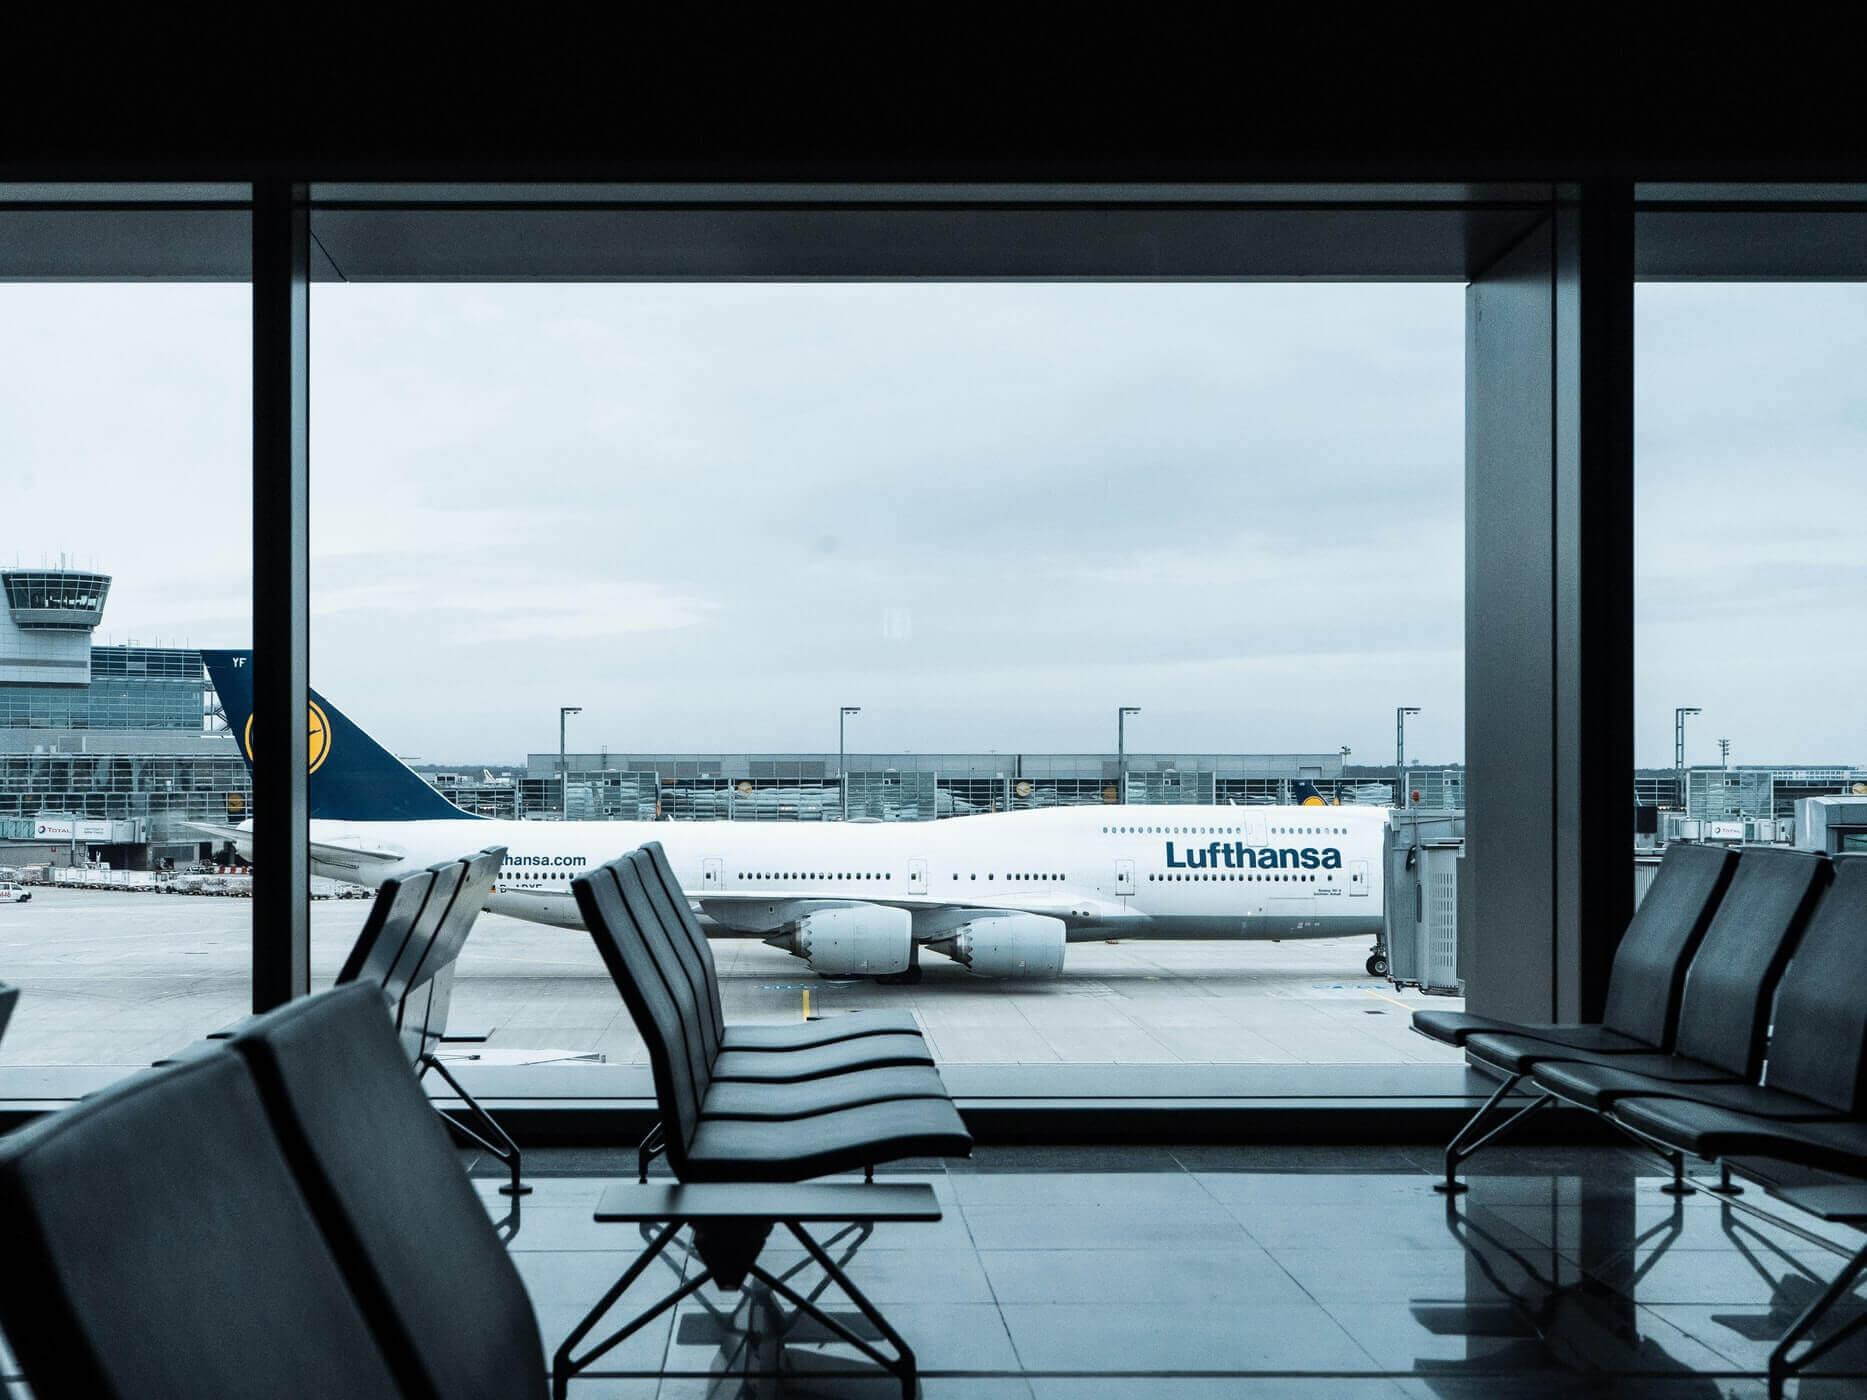 Lufthansa упрощает компенсацию за отмену рейсов